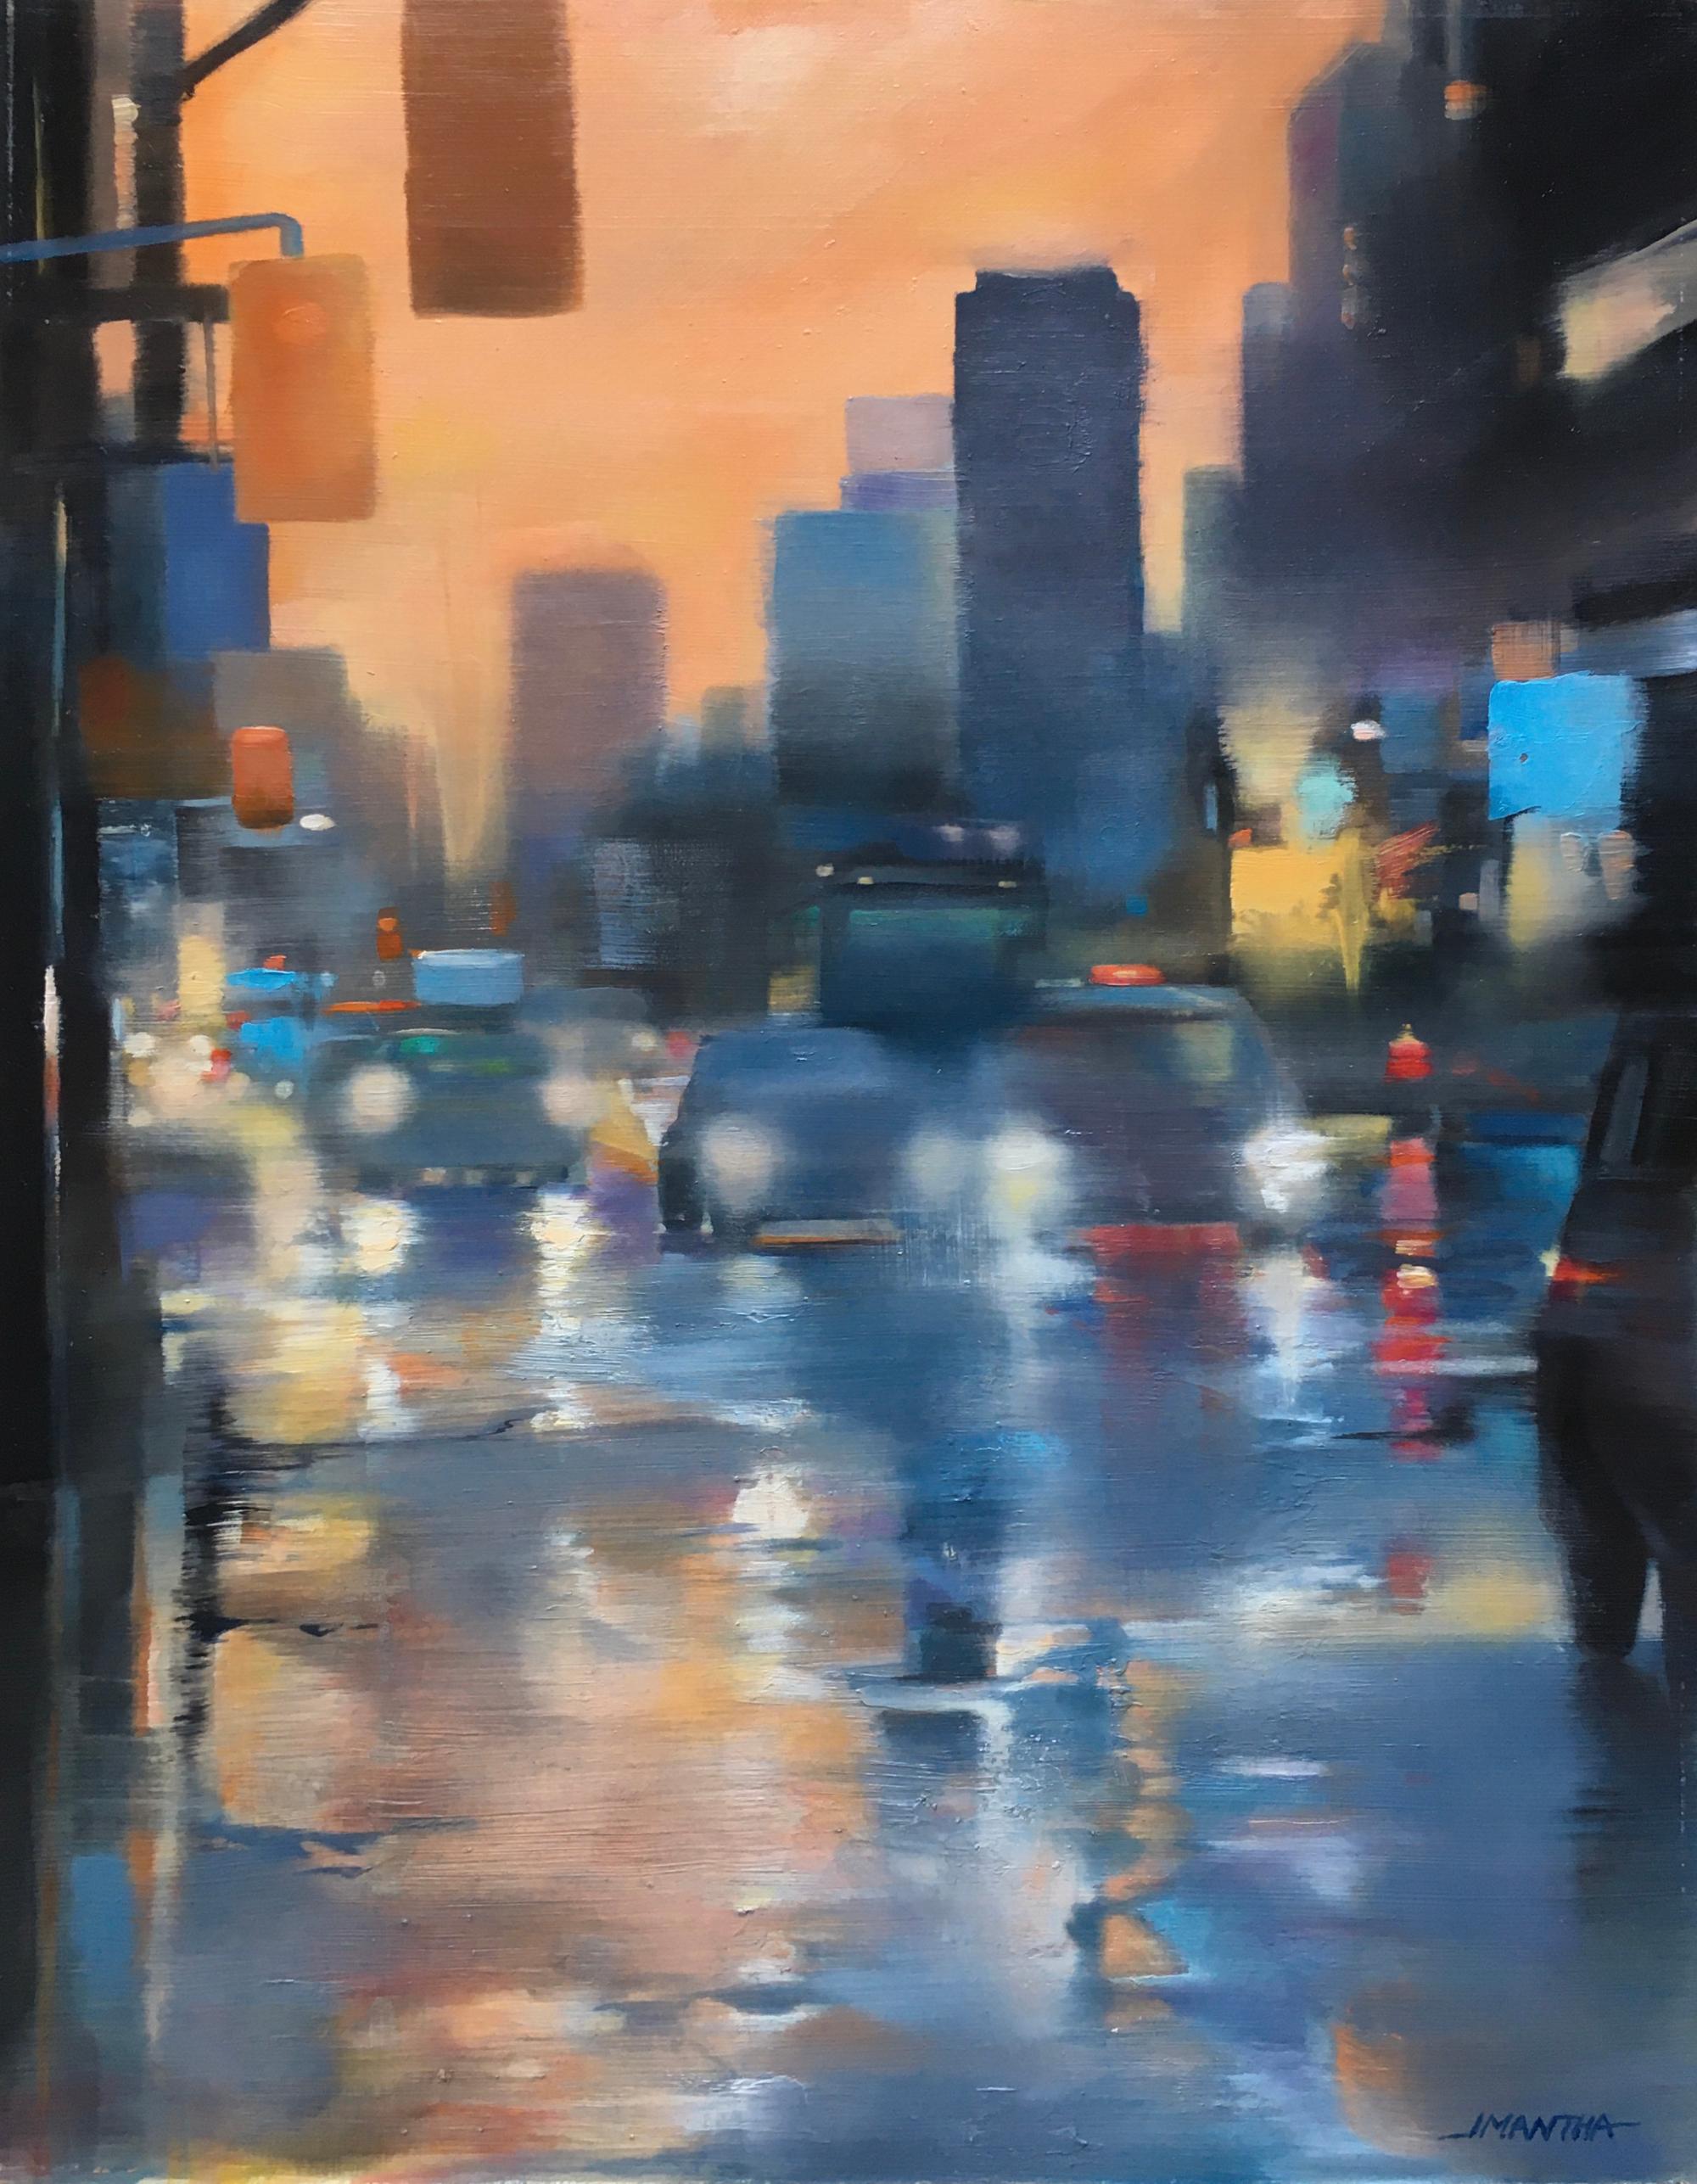 Rainy november lights hc2mxx